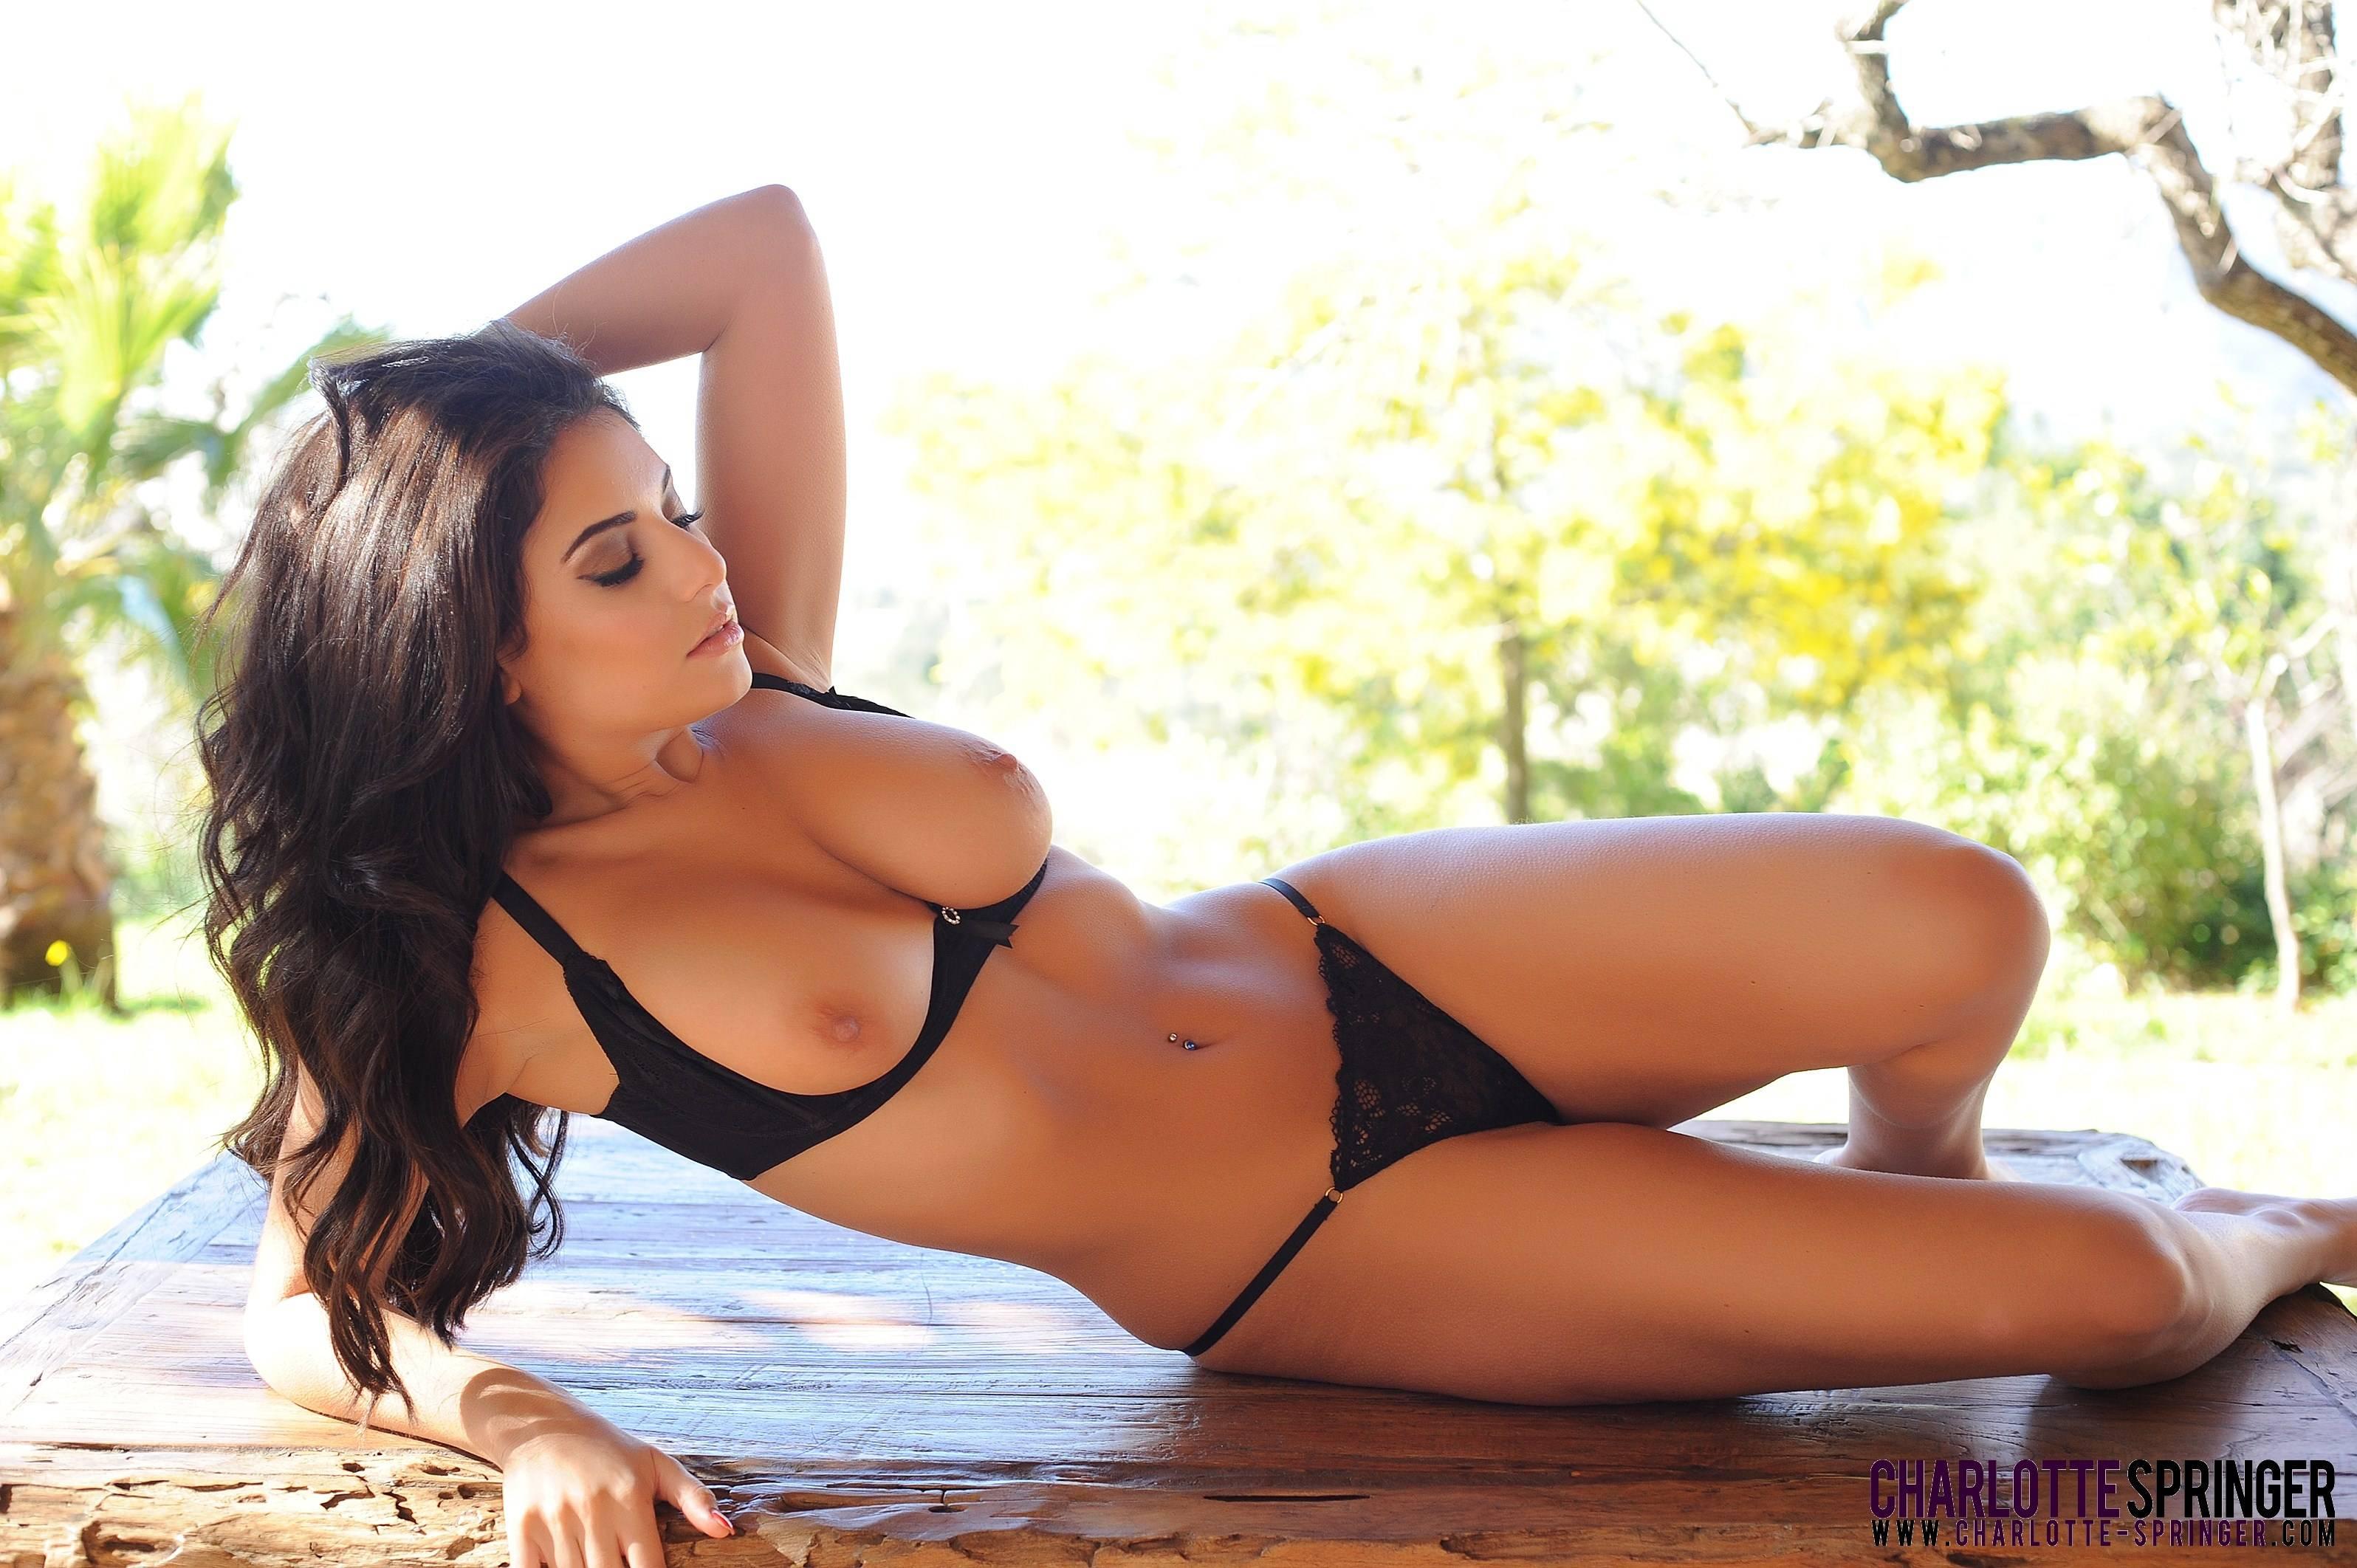 Charlotte springer porn pics